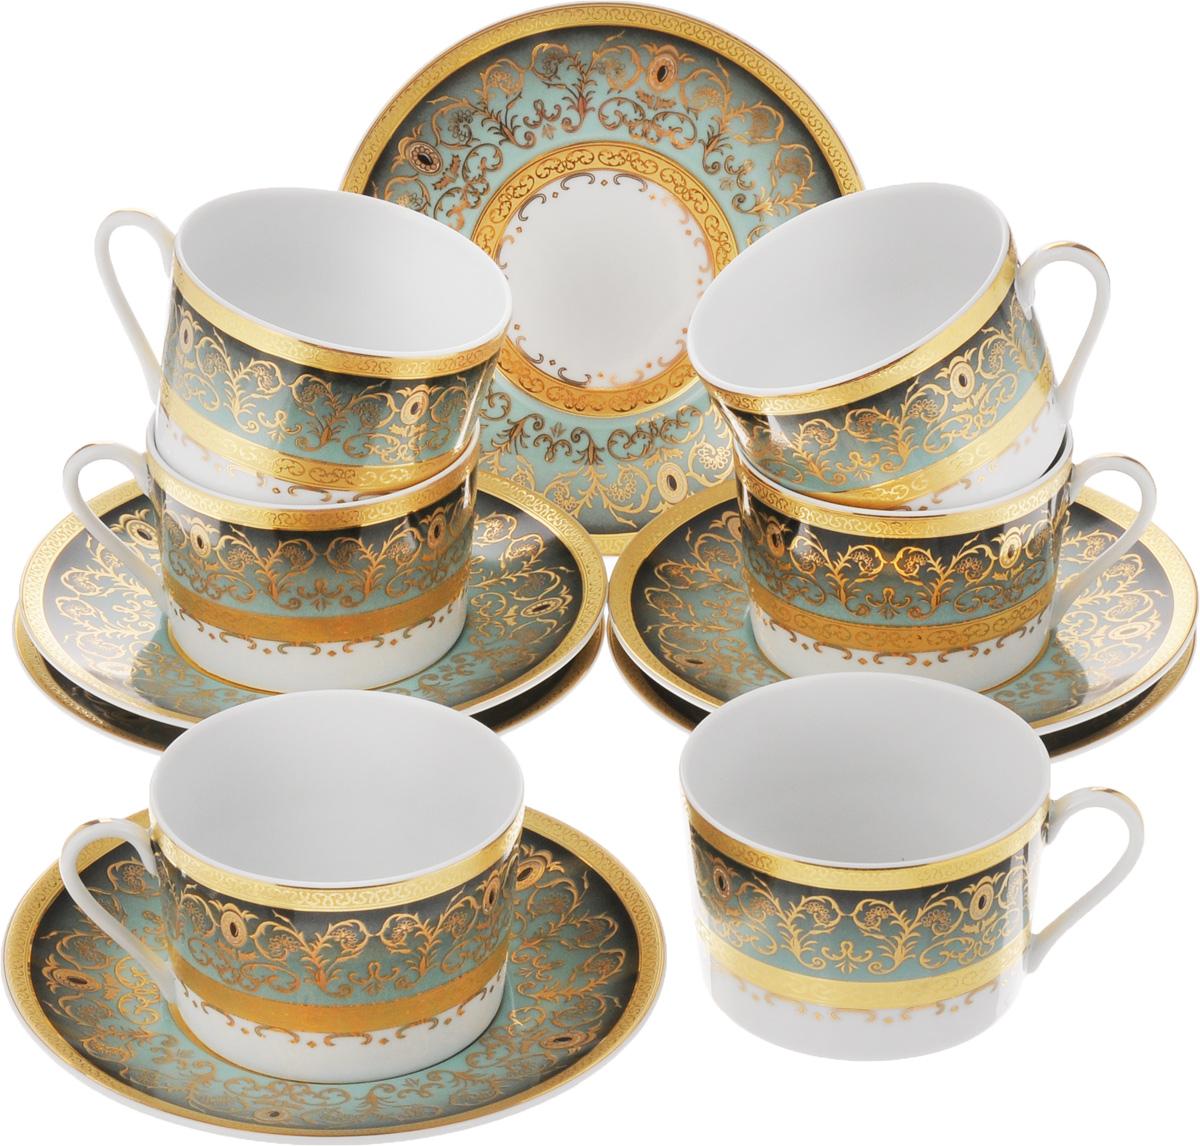 Набор чайный Yves De La Rosiere Mimosa, цвет: зеленый, золотистый, 12 предметов115510Чайный набор Yves De La Rosiere Mimosa состоит из 6 чашек и 6 блюдец, изготовленных из высококачественного фарфора. Такой набор прекрасно дополнит сервировку стола к чаепитию, а также станет замечательным подарком для ваших друзей и близких. Объем чашки: 220 мл. Диаметр чашки по верхнему краю: 9 см. Высота чашки: 6 см. Диаметр блюдца: 16 см.Высота блюдца: 2 см.